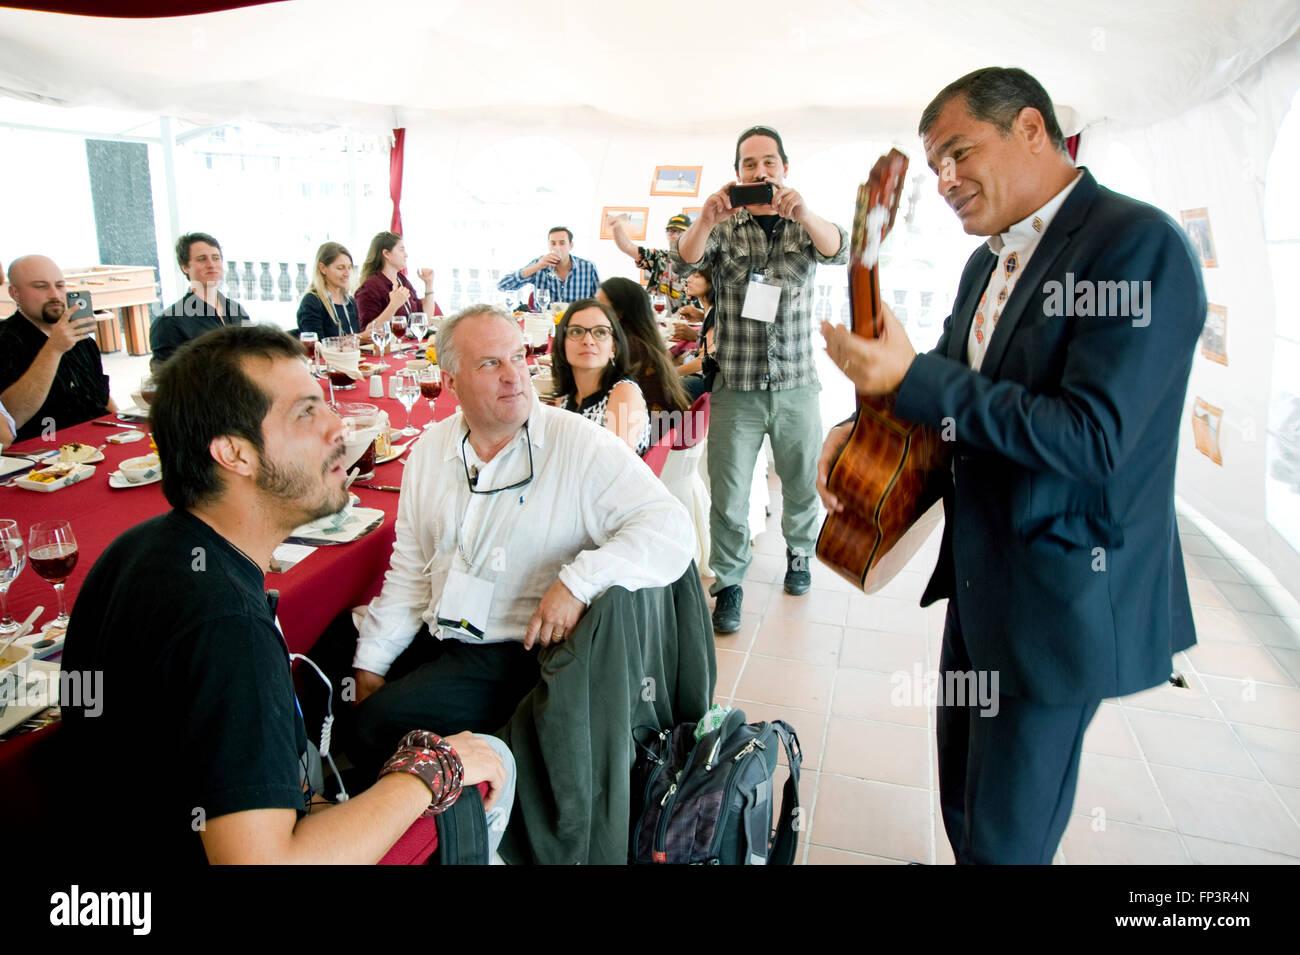 President Rafael Correa of Ecuador serenades the crew of Ecuador: The Royal Tour at a wrap party at the government - Stock Image